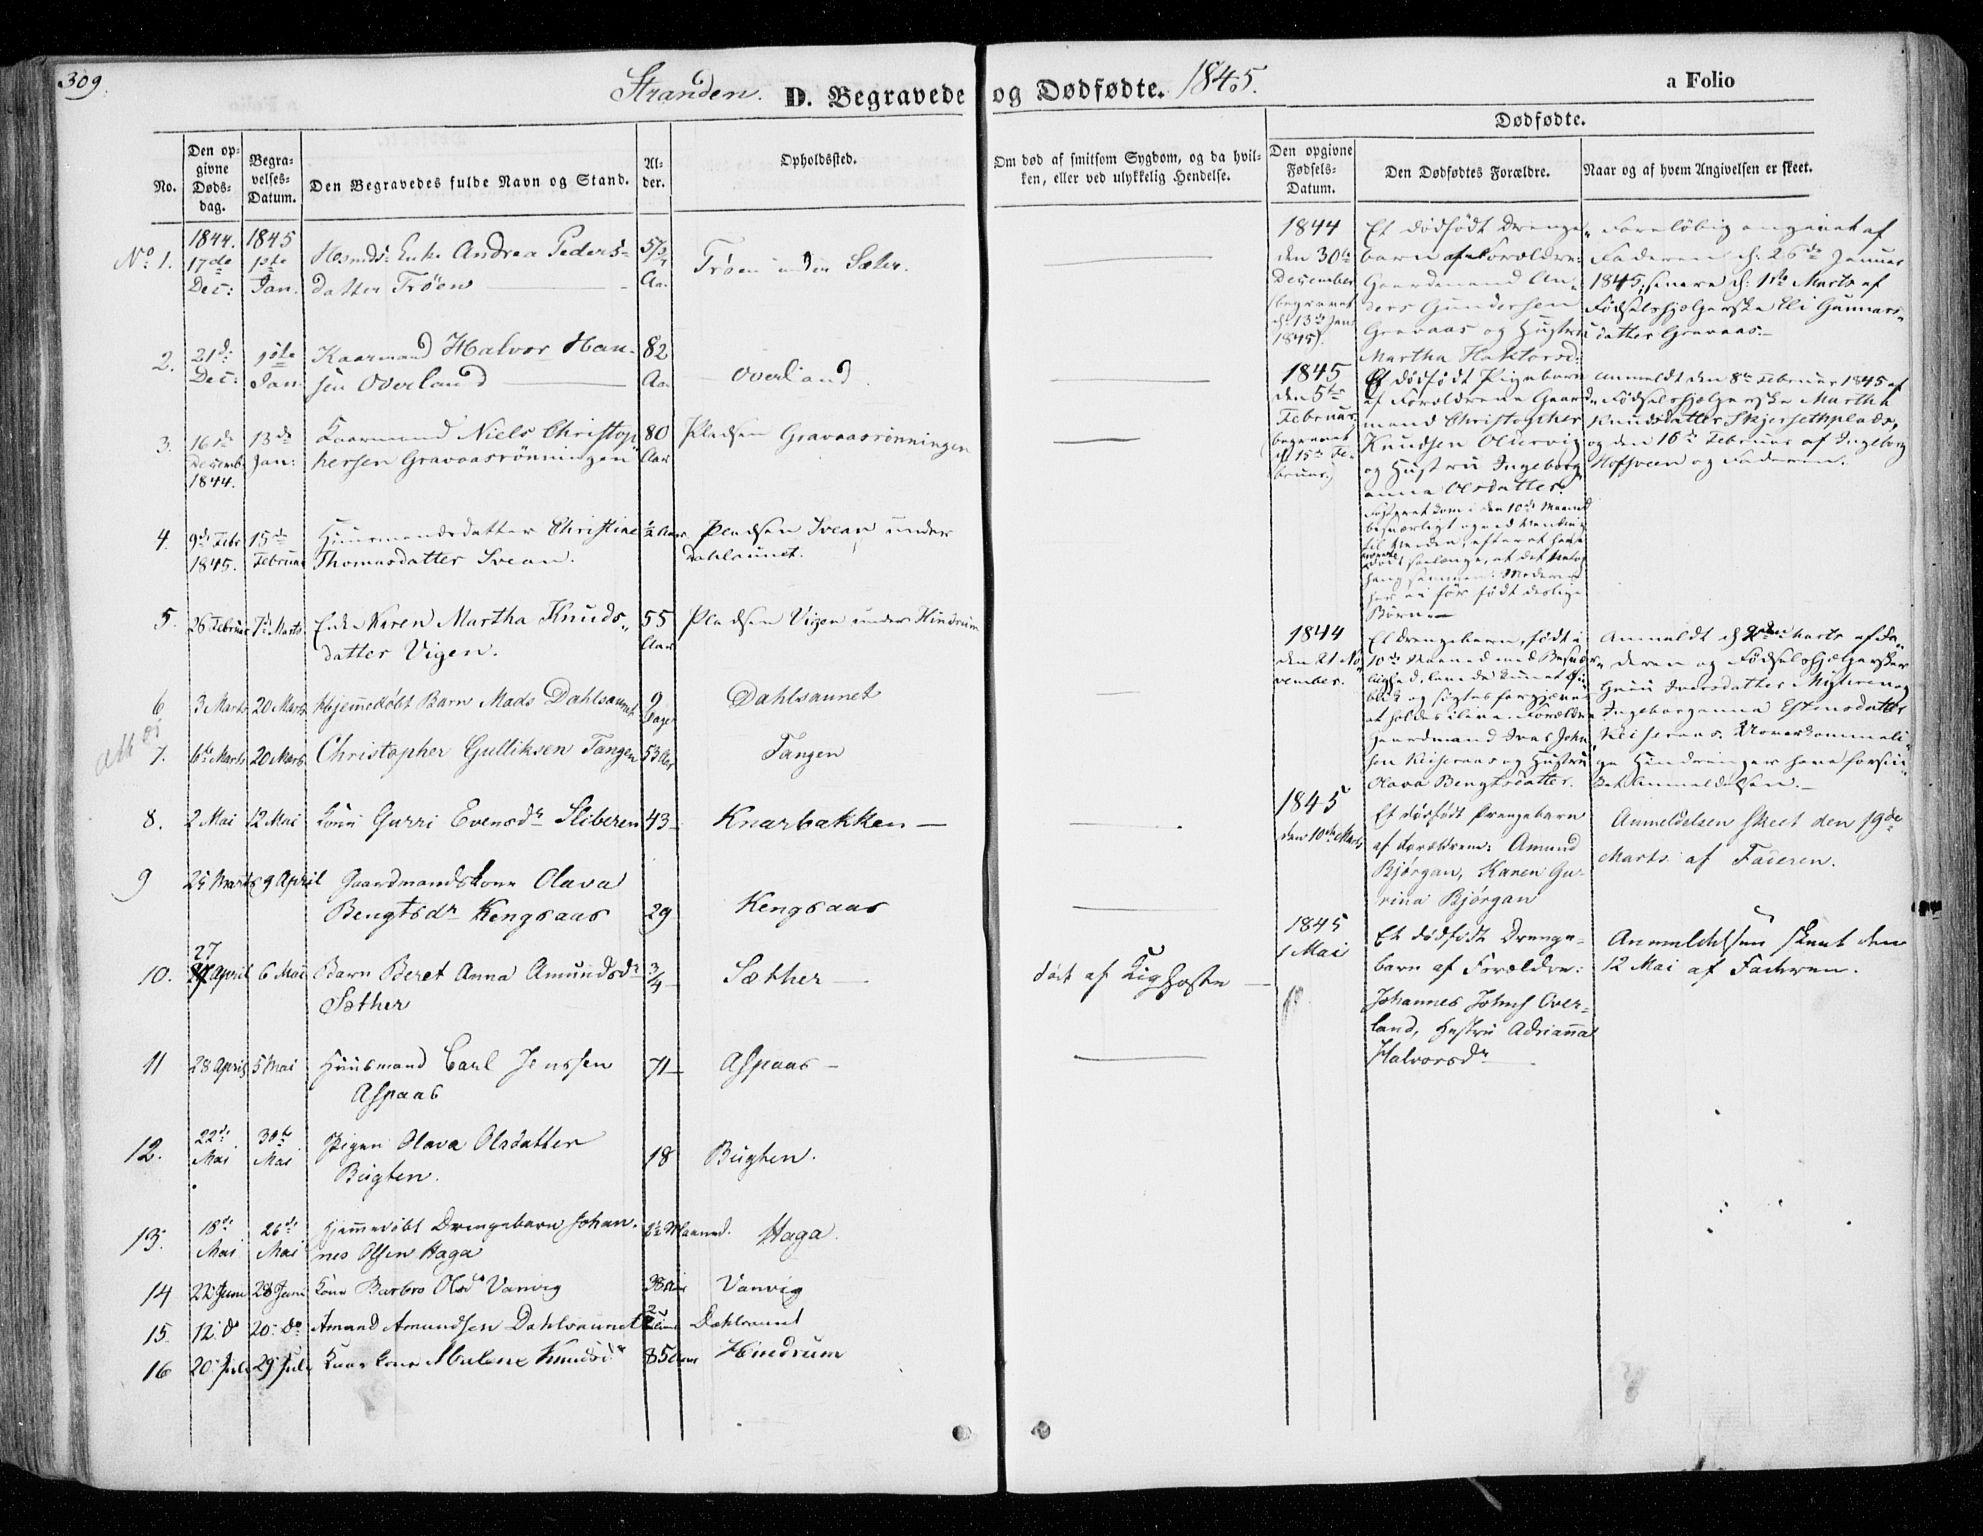 SAT, Ministerialprotokoller, klokkerbøker og fødselsregistre - Nord-Trøndelag, 701/L0007: Ministerialbok nr. 701A07 /2, 1842-1854, s. 309